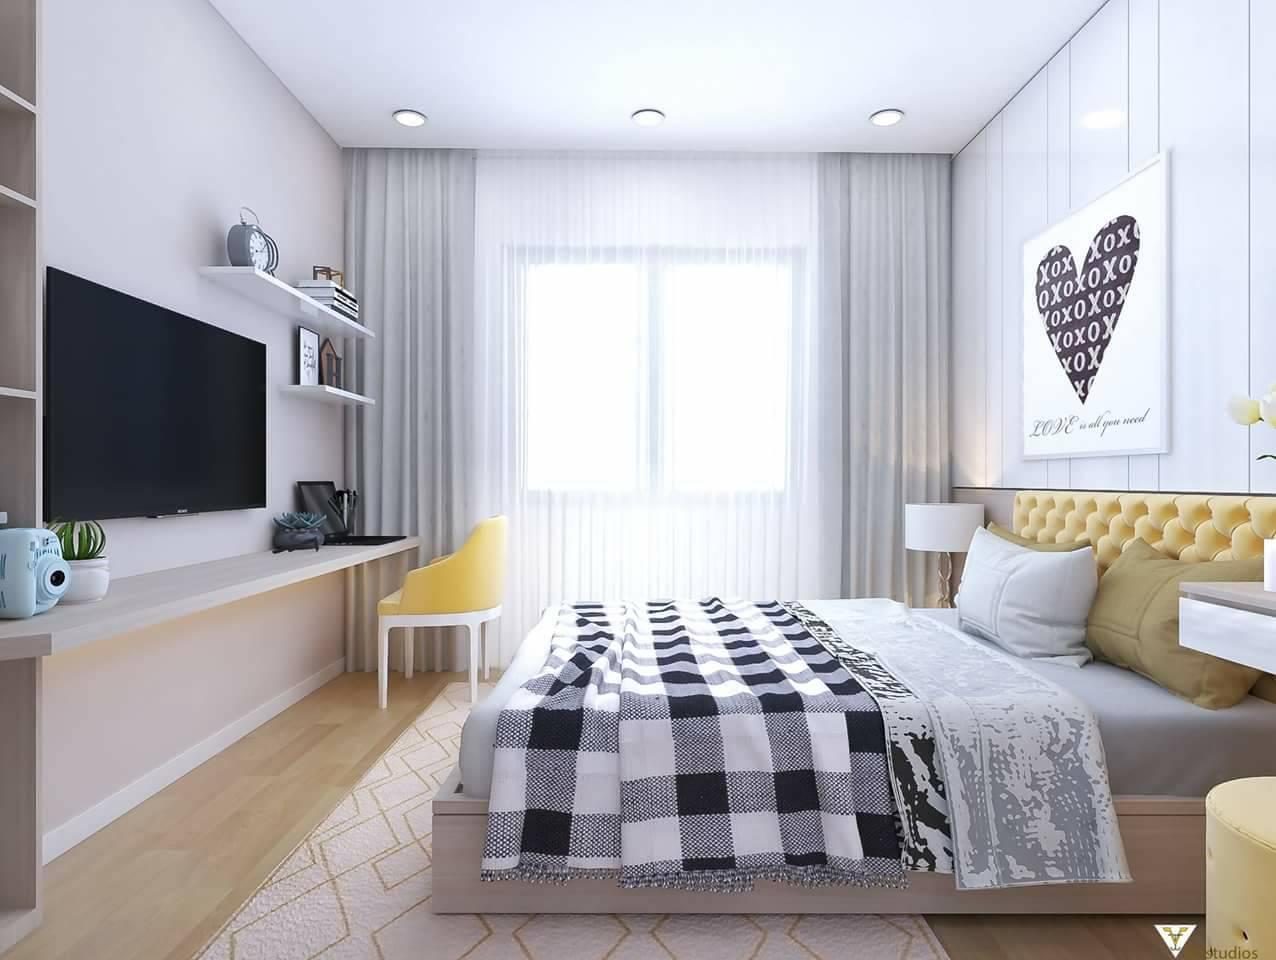 Thiết kế giường ngủ gỗ công nghiệp hiện đại cao cấp,qua quy trình sản xuất tiên tiến nên có thể đảm bảo được độ bền đẹp,tính năng sự dụng và vẻ đẹp thẩm mỹ của chúng .Giường ngủ làm bằng gỗ công nghiệp thường được thiết kế đơn giản,gọn nhẹ nhưng không kém phần độc đáo,hiện đại mang tới cho người dùng sự tiện nghi,thoải mái và thư giãn trong không gian phòng ngủ.Giường ngủ đa năng kết hợp với tủ quần áo..giường ngủ gỗ công nghiệp đang ngày càng chiếm được tình cảm của đông đạo khách hàng,nhất là những khách hàng trẻ tuổi.Giường ngủ gỗ công nghiệp không bị cong vênh,co gót trong quá trình sử dụng ,đây là đặc tính ưu việt mà không phải loại gỗ nào cũng có được,kể cả gỗ tự nhiên chất lượng.Nó cũng chính là một trong những ưu điểm vượt trội của dòng sản phẩm gỗ công nghiệp đẻ thu hút khách hàng